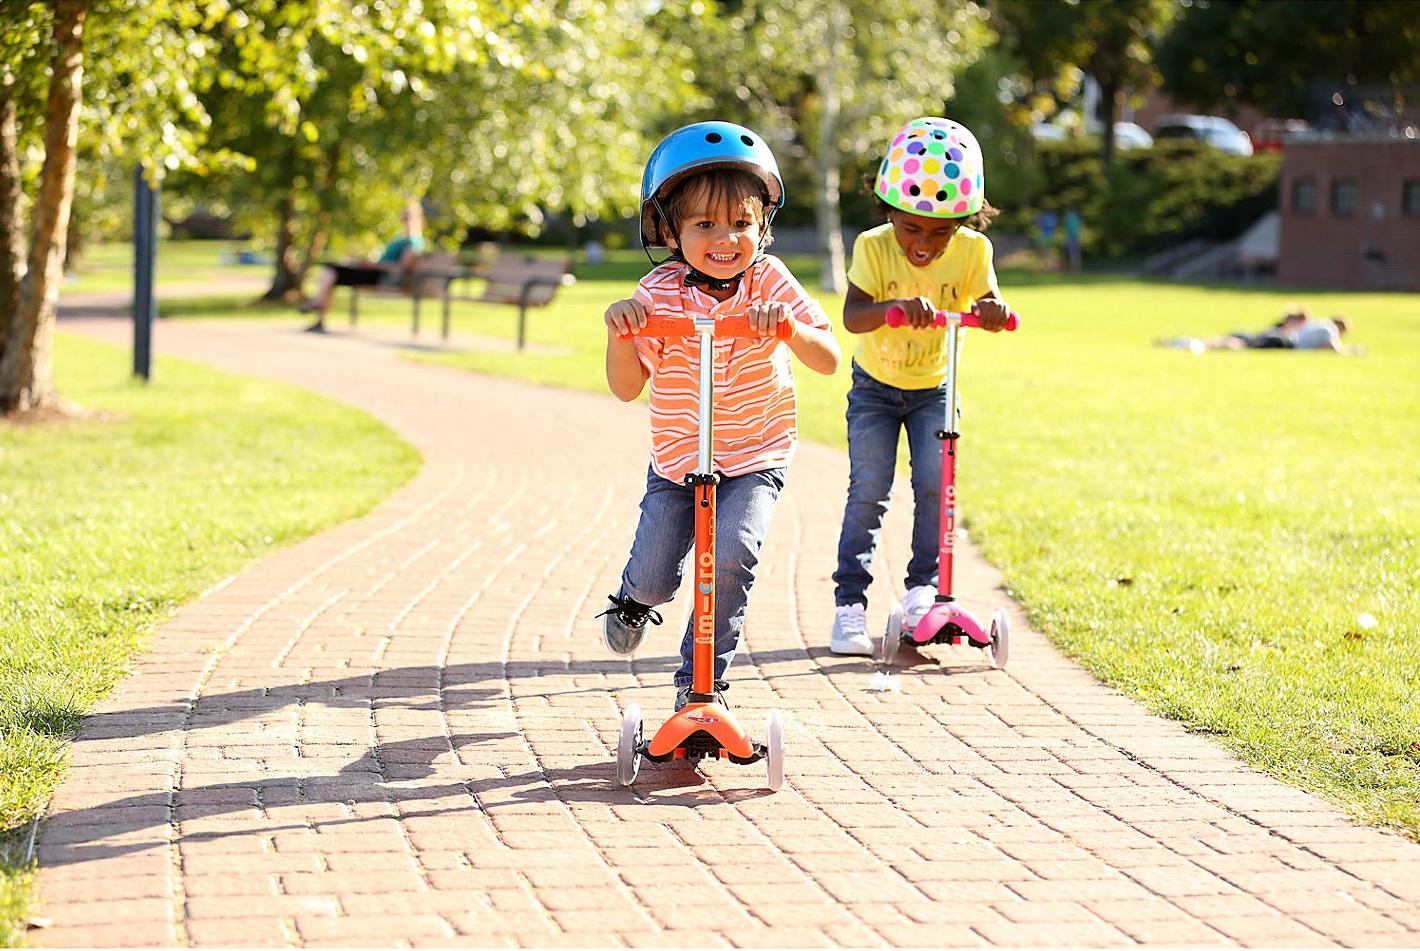 Качественный детский 3-колёсный самокат для мальчиков и девочек